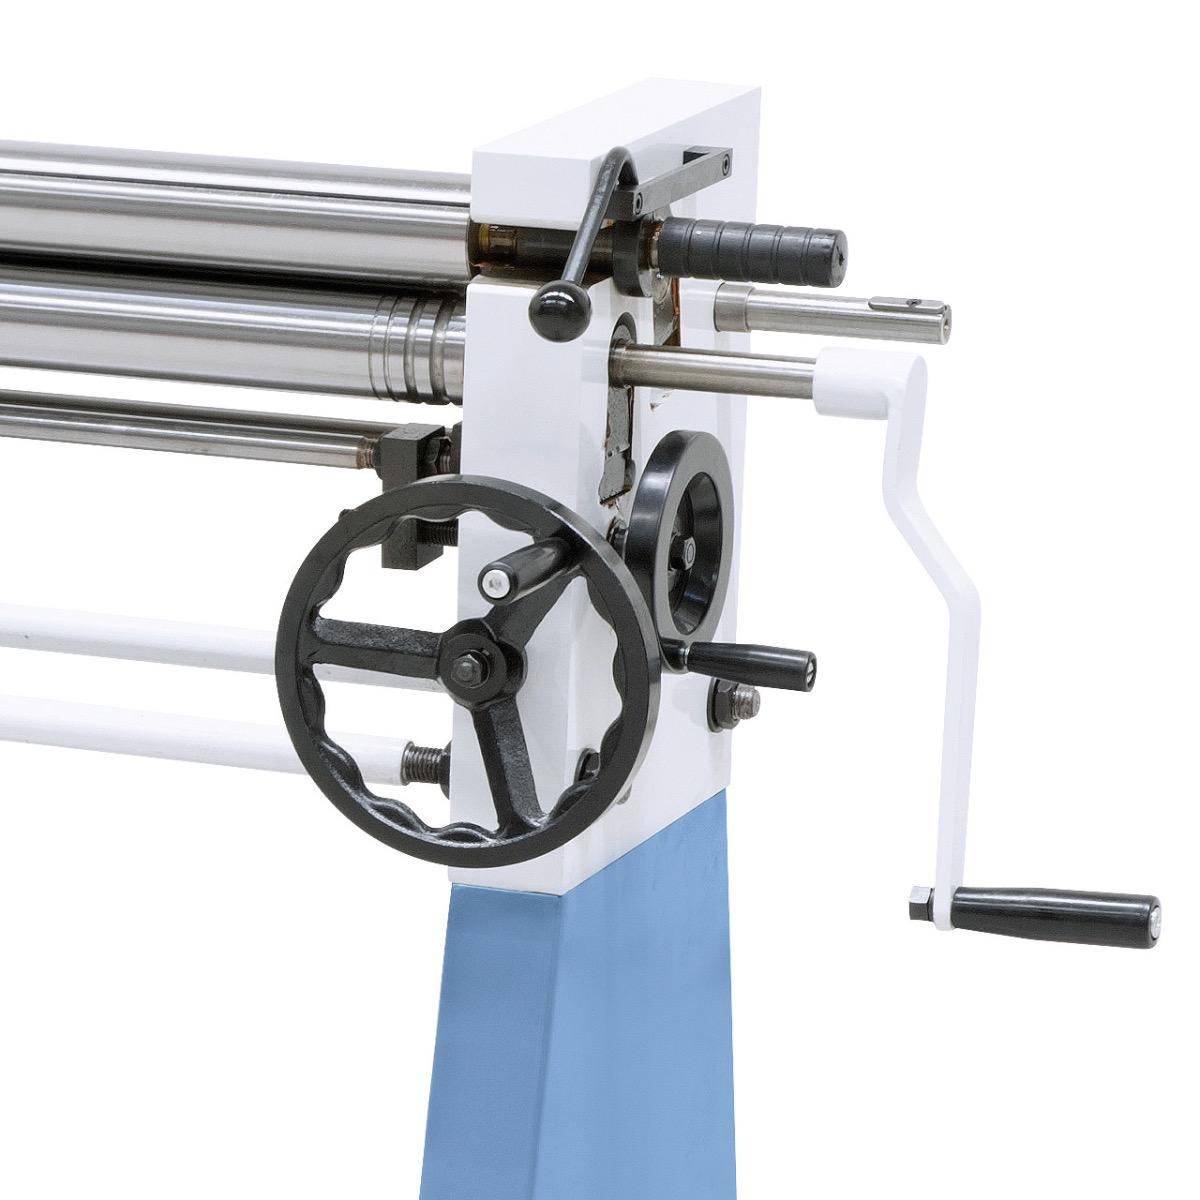 Die Zustellung der Unter- und Hinterwalze erfolgt über ergonomisch angebrachte Handräder.